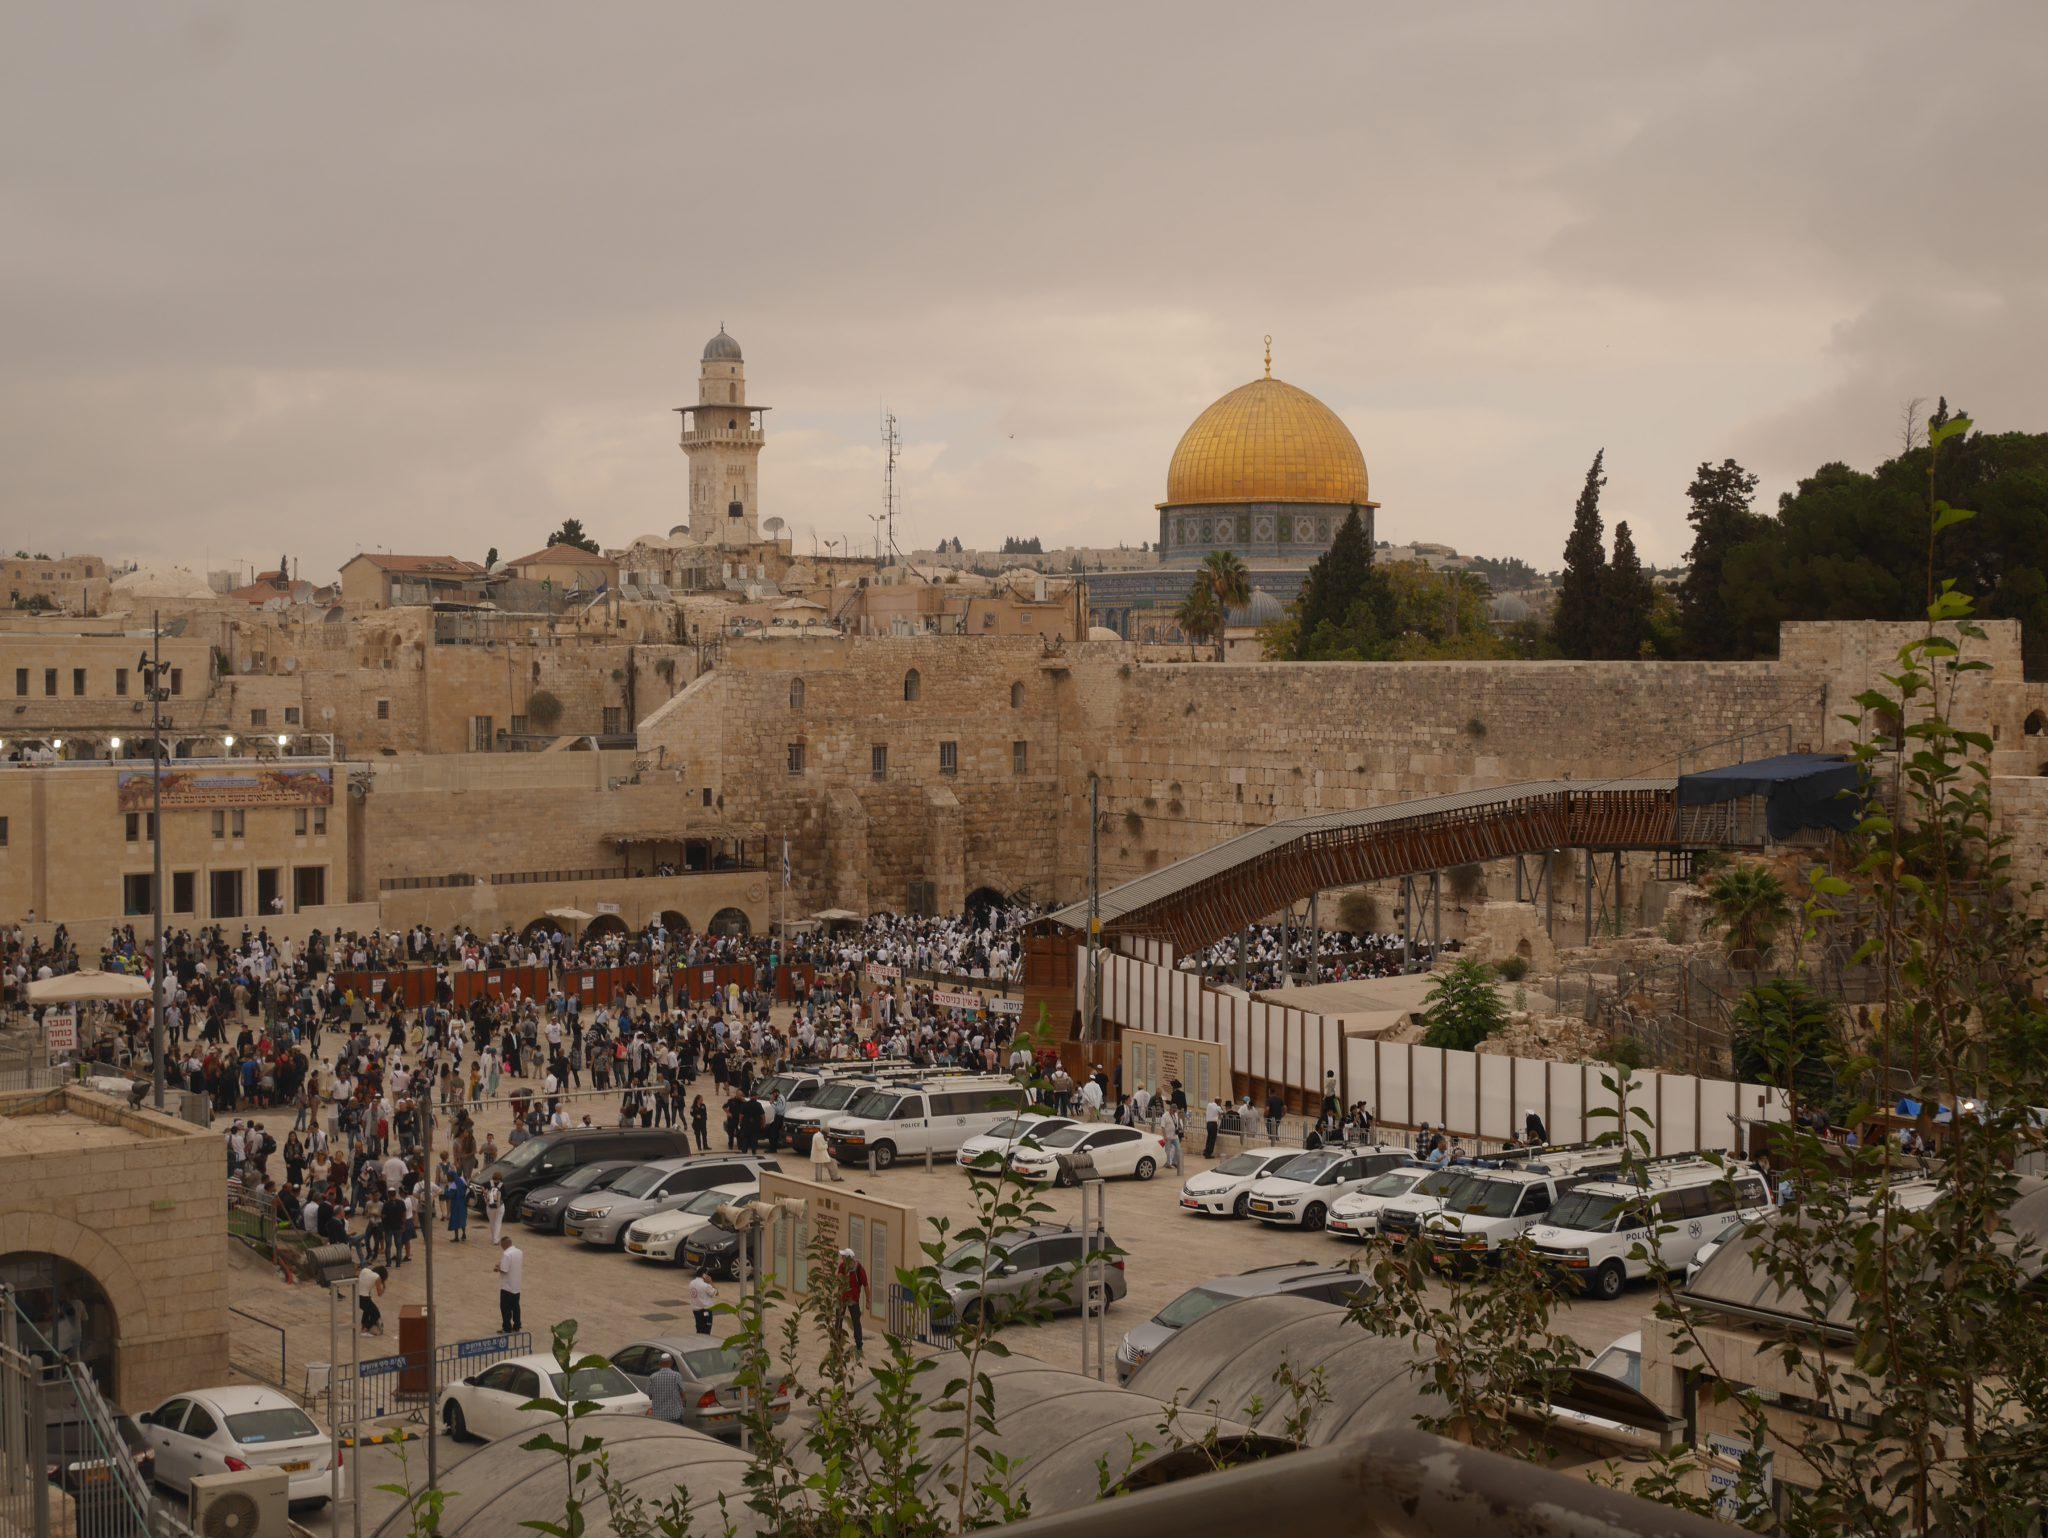 P1030620エルサレム嘆きの壁